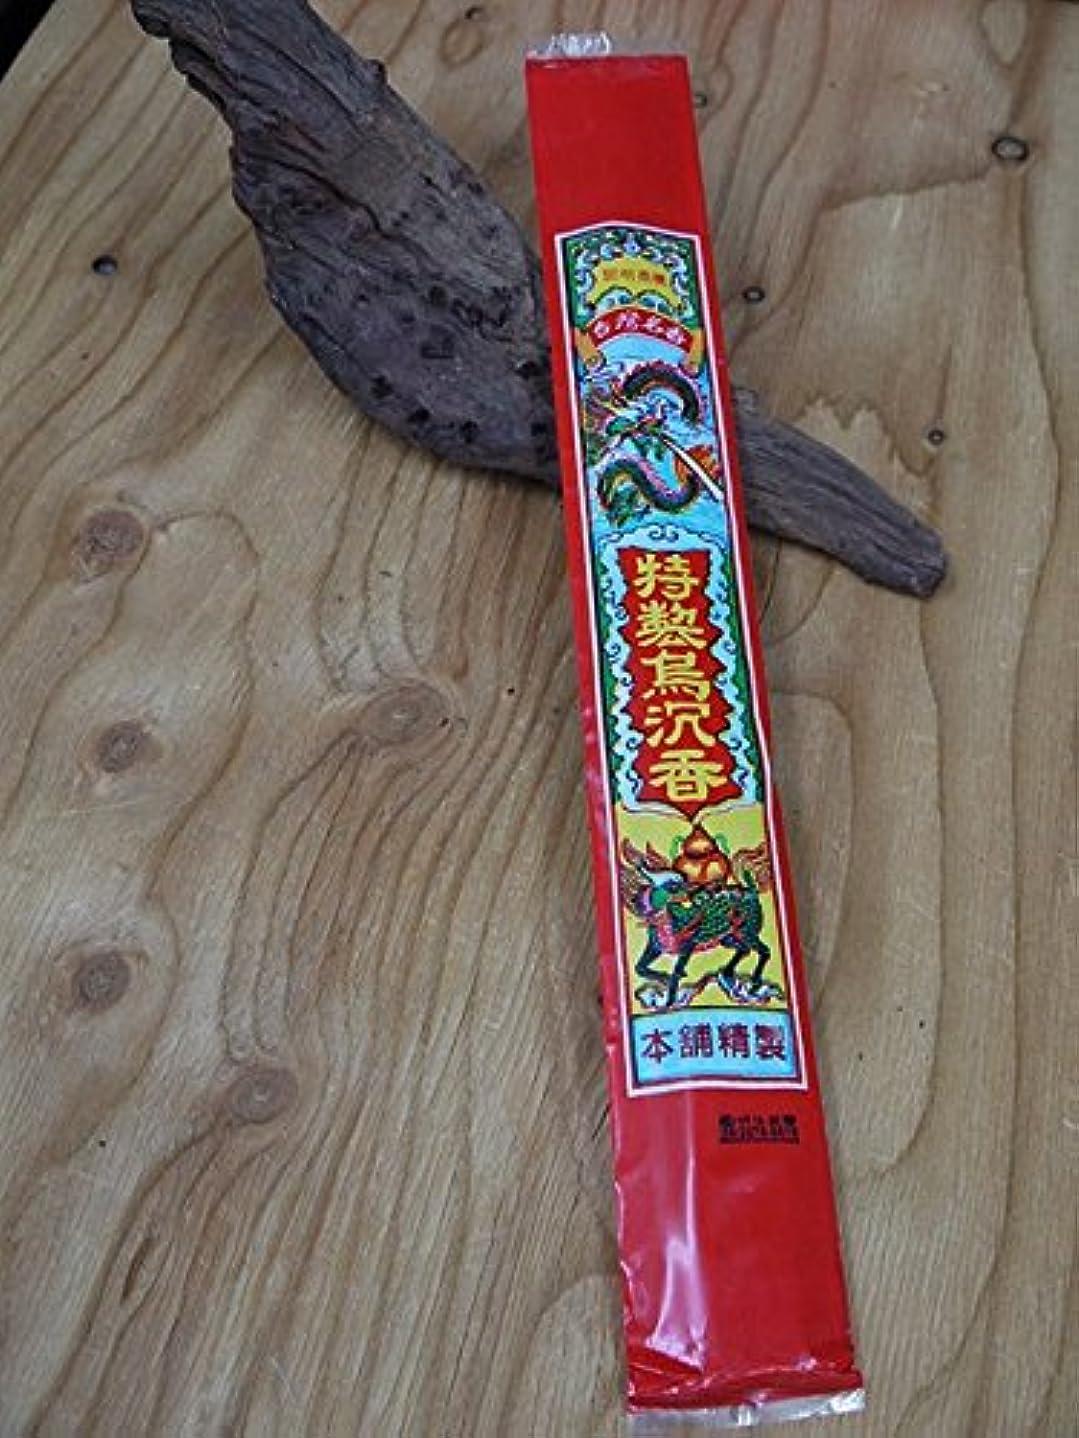 セレナ凍るおとなしい特製鳥沈香 台湾のお香「特製鳥沈香」お寺などに供えるポピュラーなお香